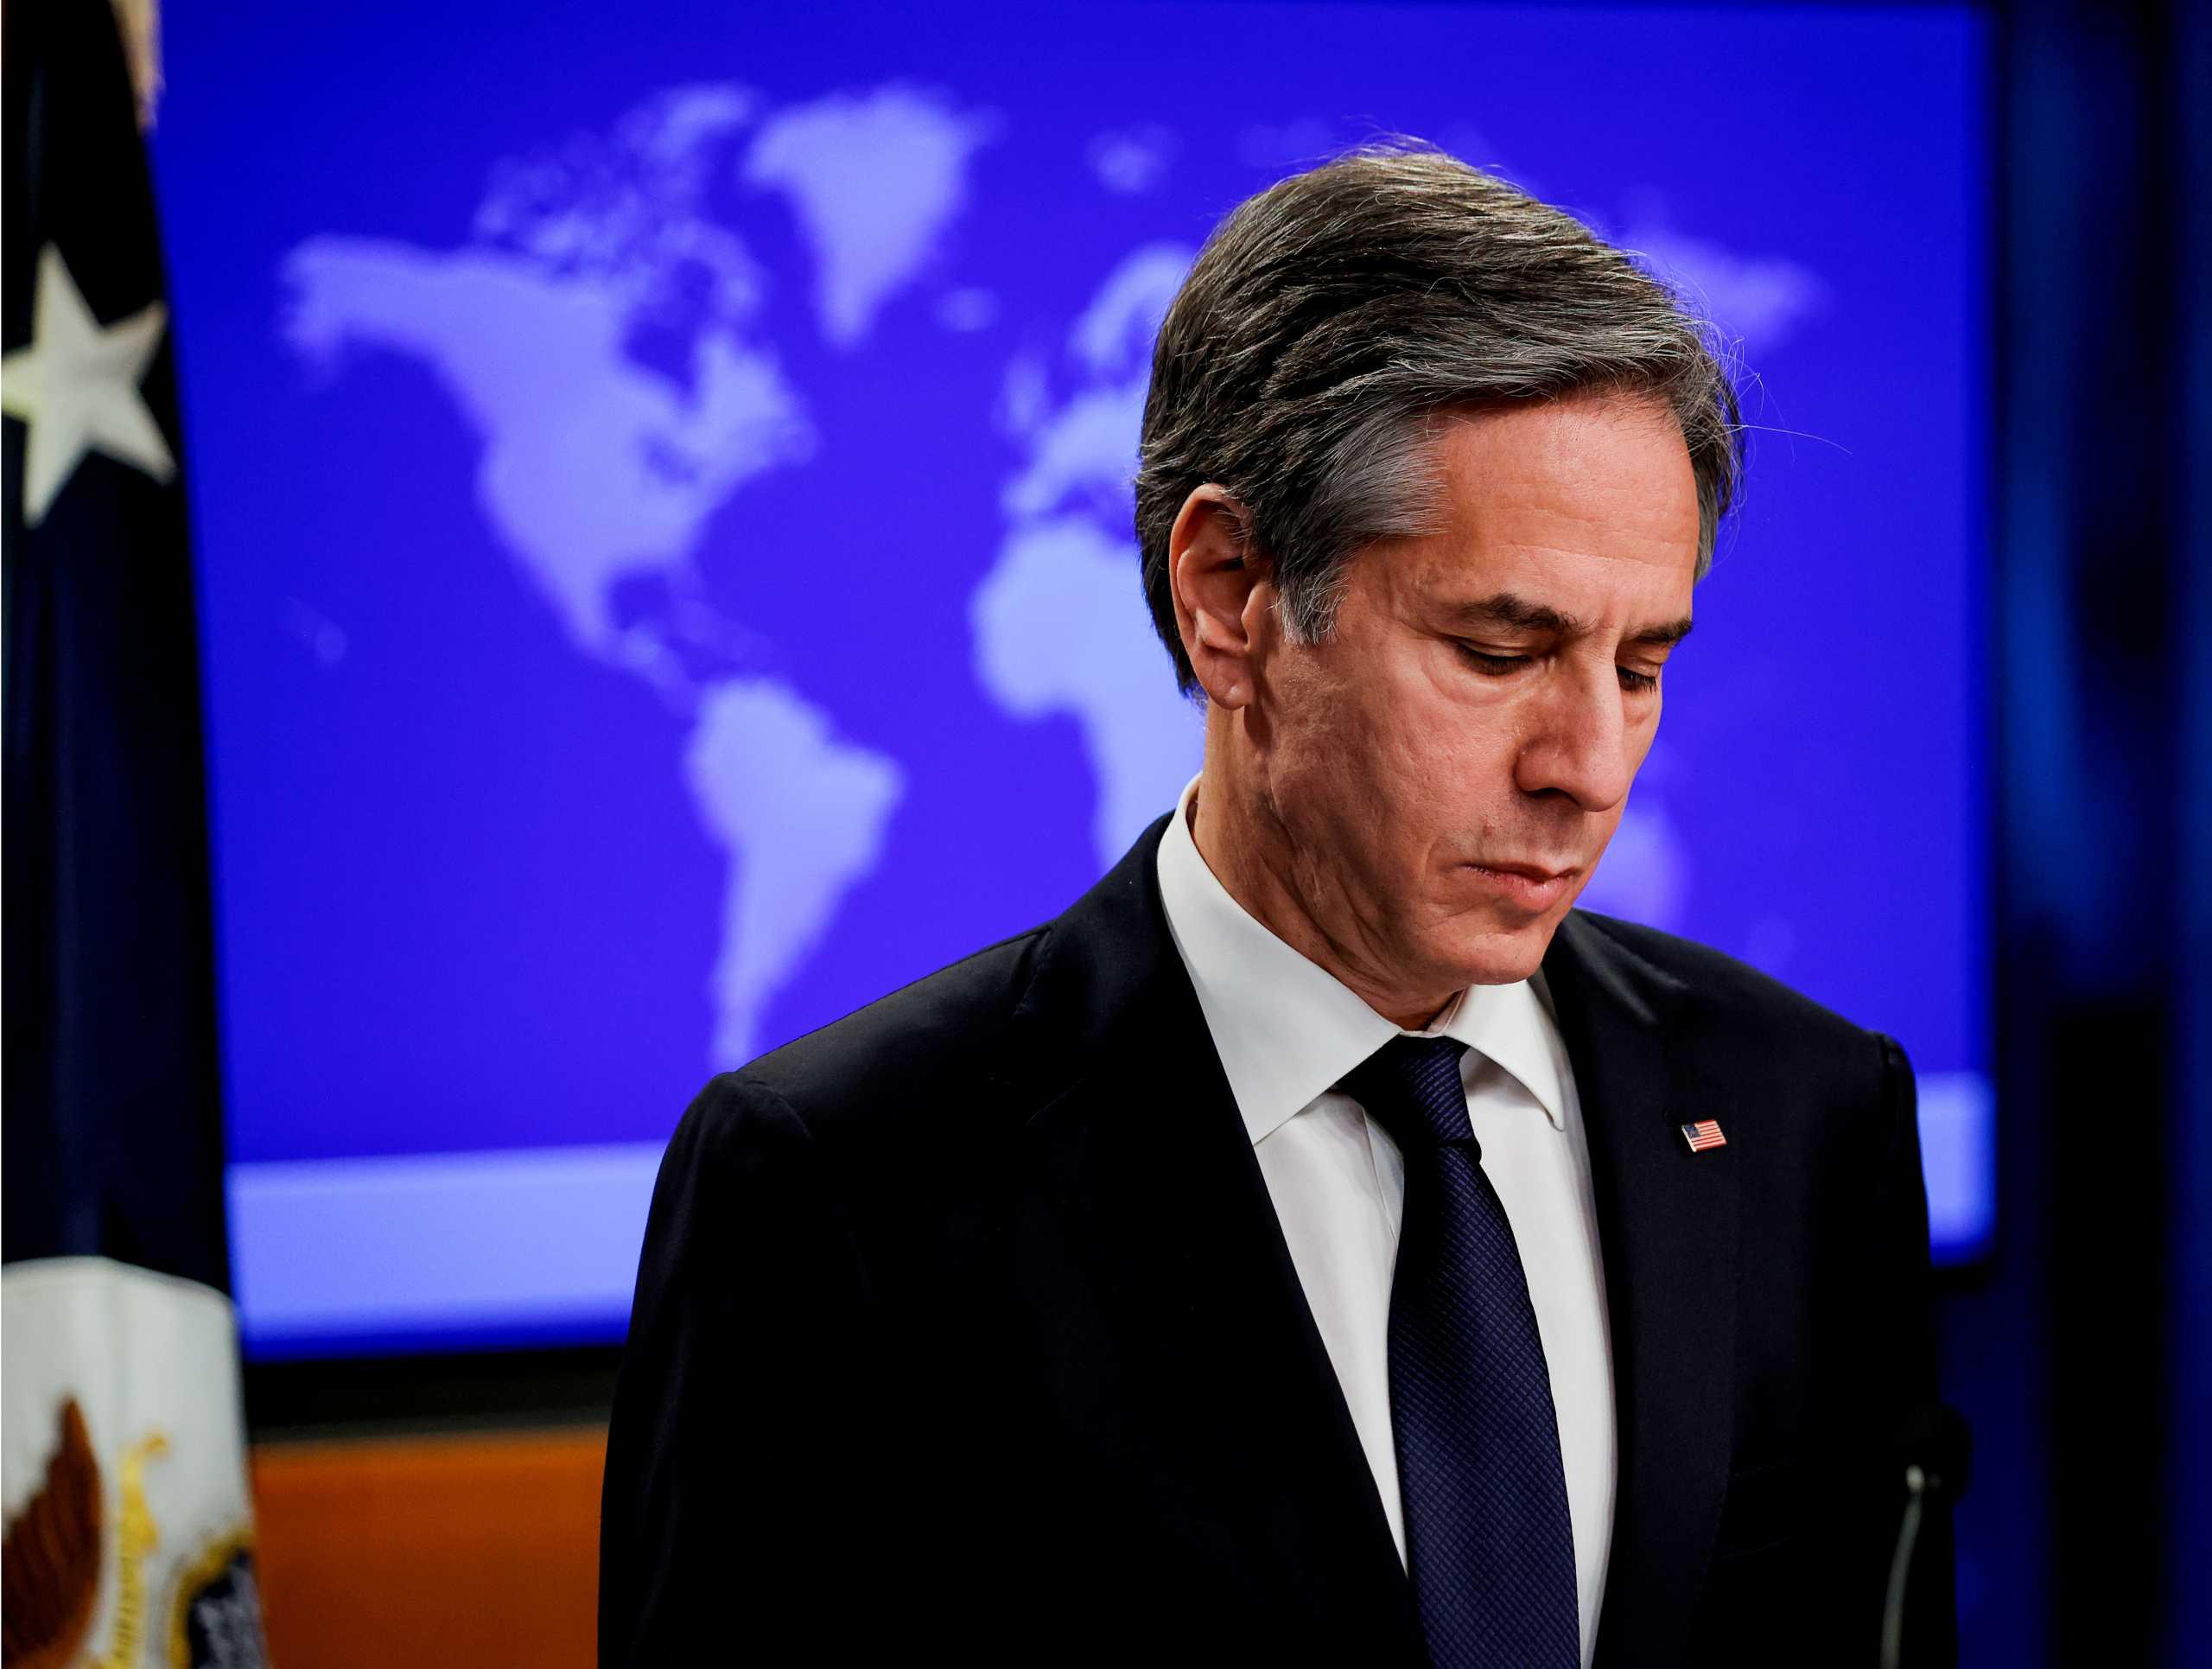 ΗΠΑ: «Καμπανάκια» της κυβέρνησης Μπάιντεν για Ρωσία και Βόρεια Κορέα